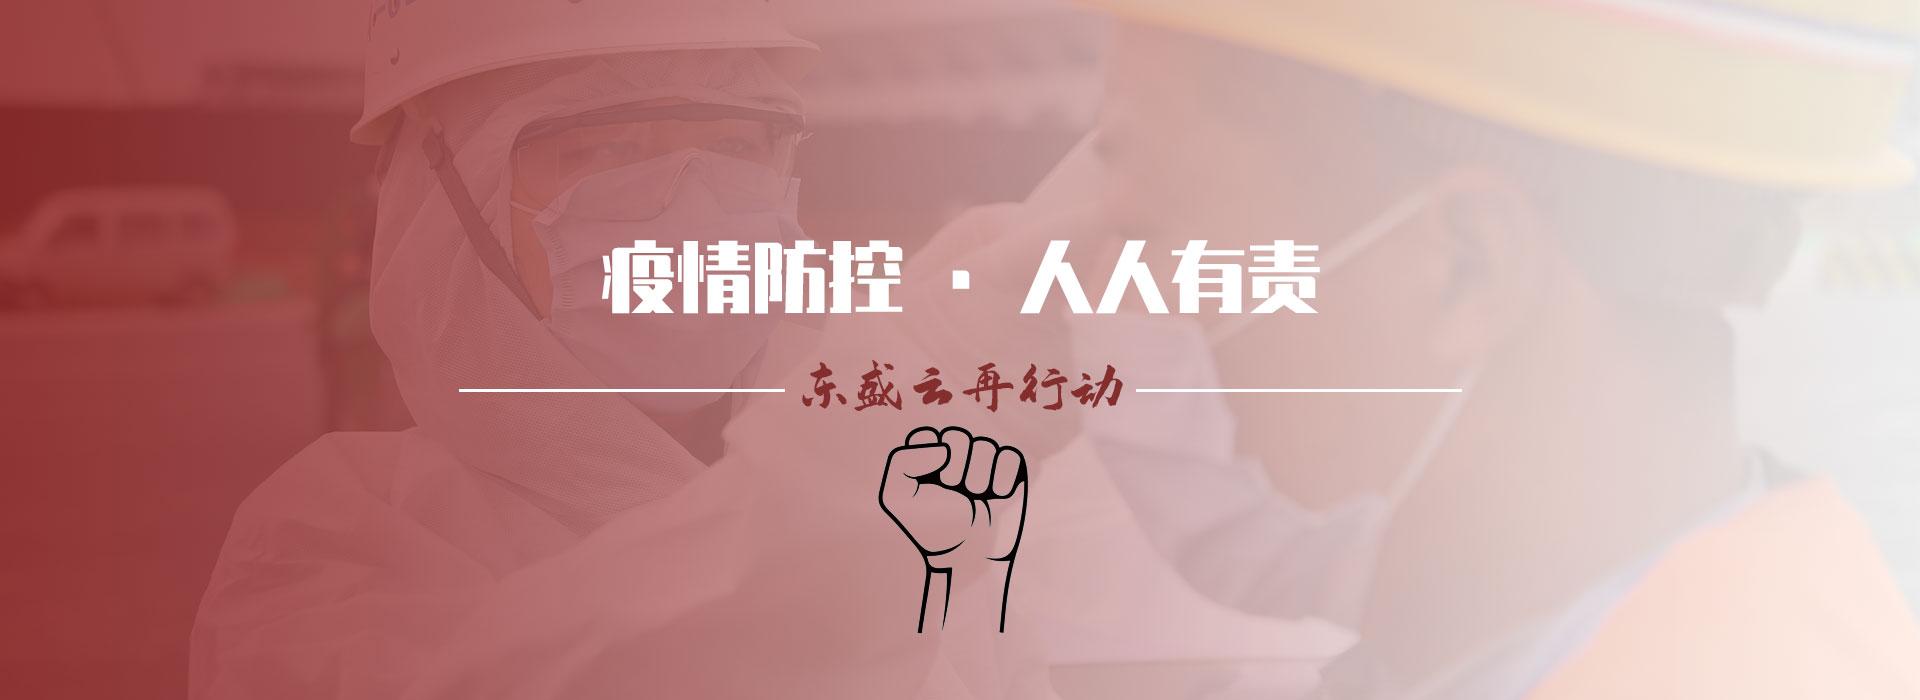 yiqingfangkong